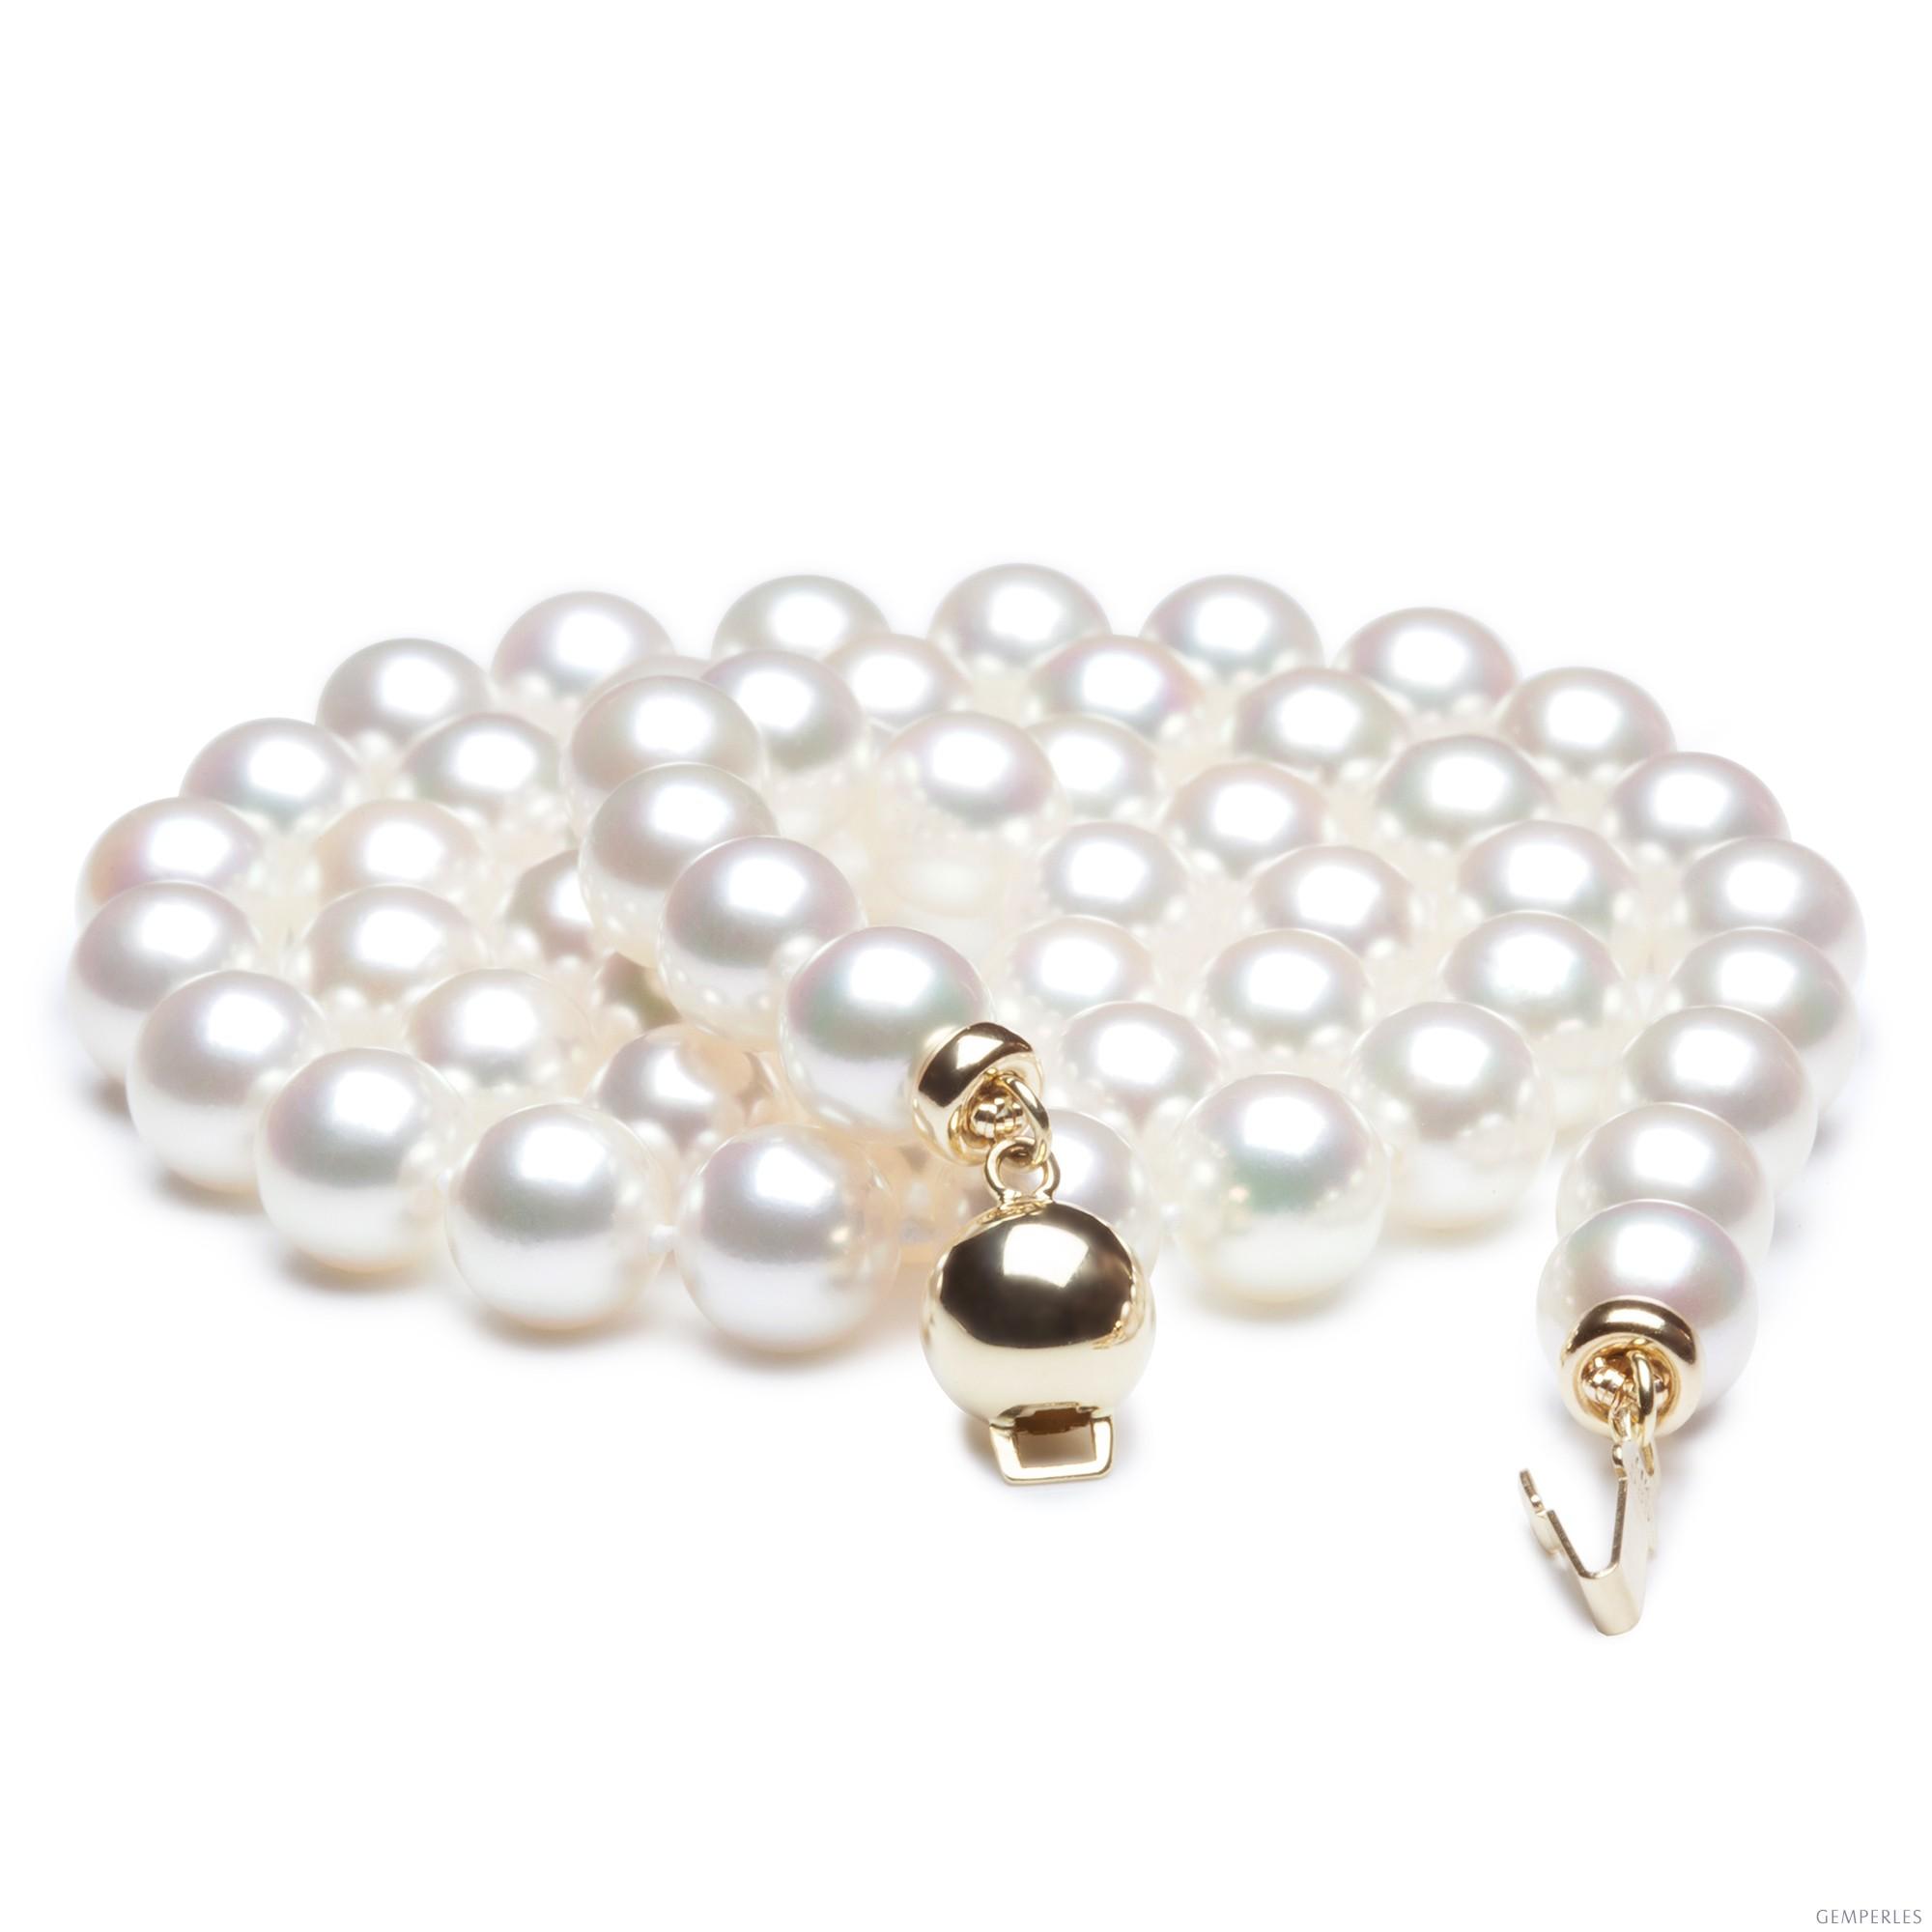 Collier en perles de culture du Japon - Akoya